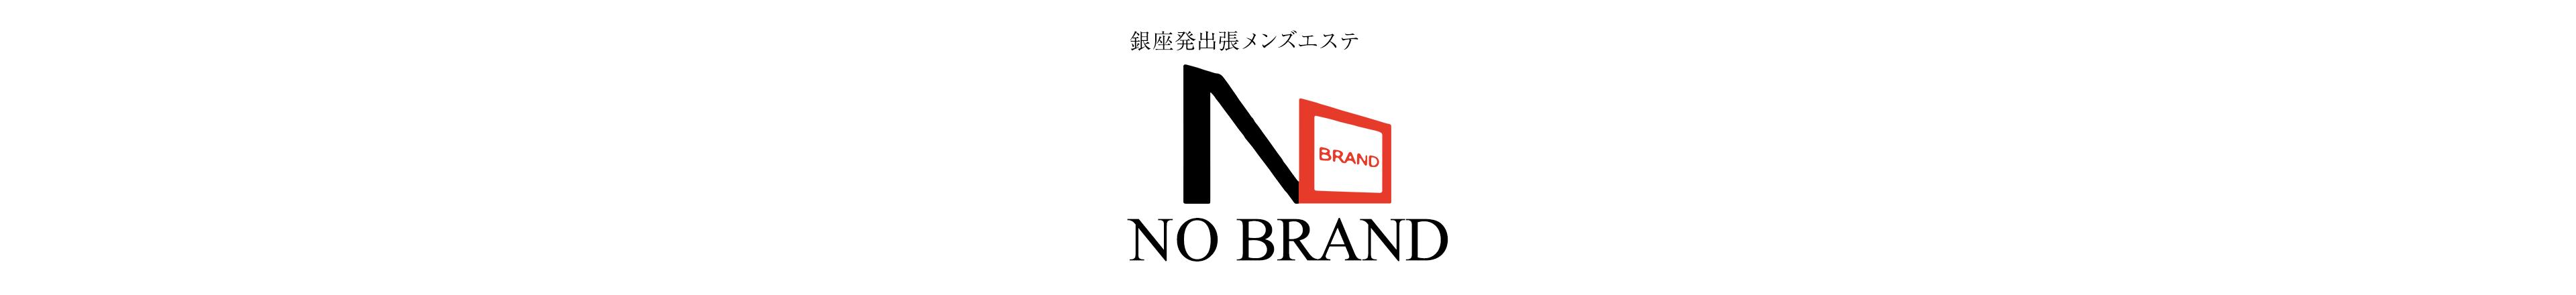 銀座発出張メンズエステ 『NO BRAND〜ノーブランド』